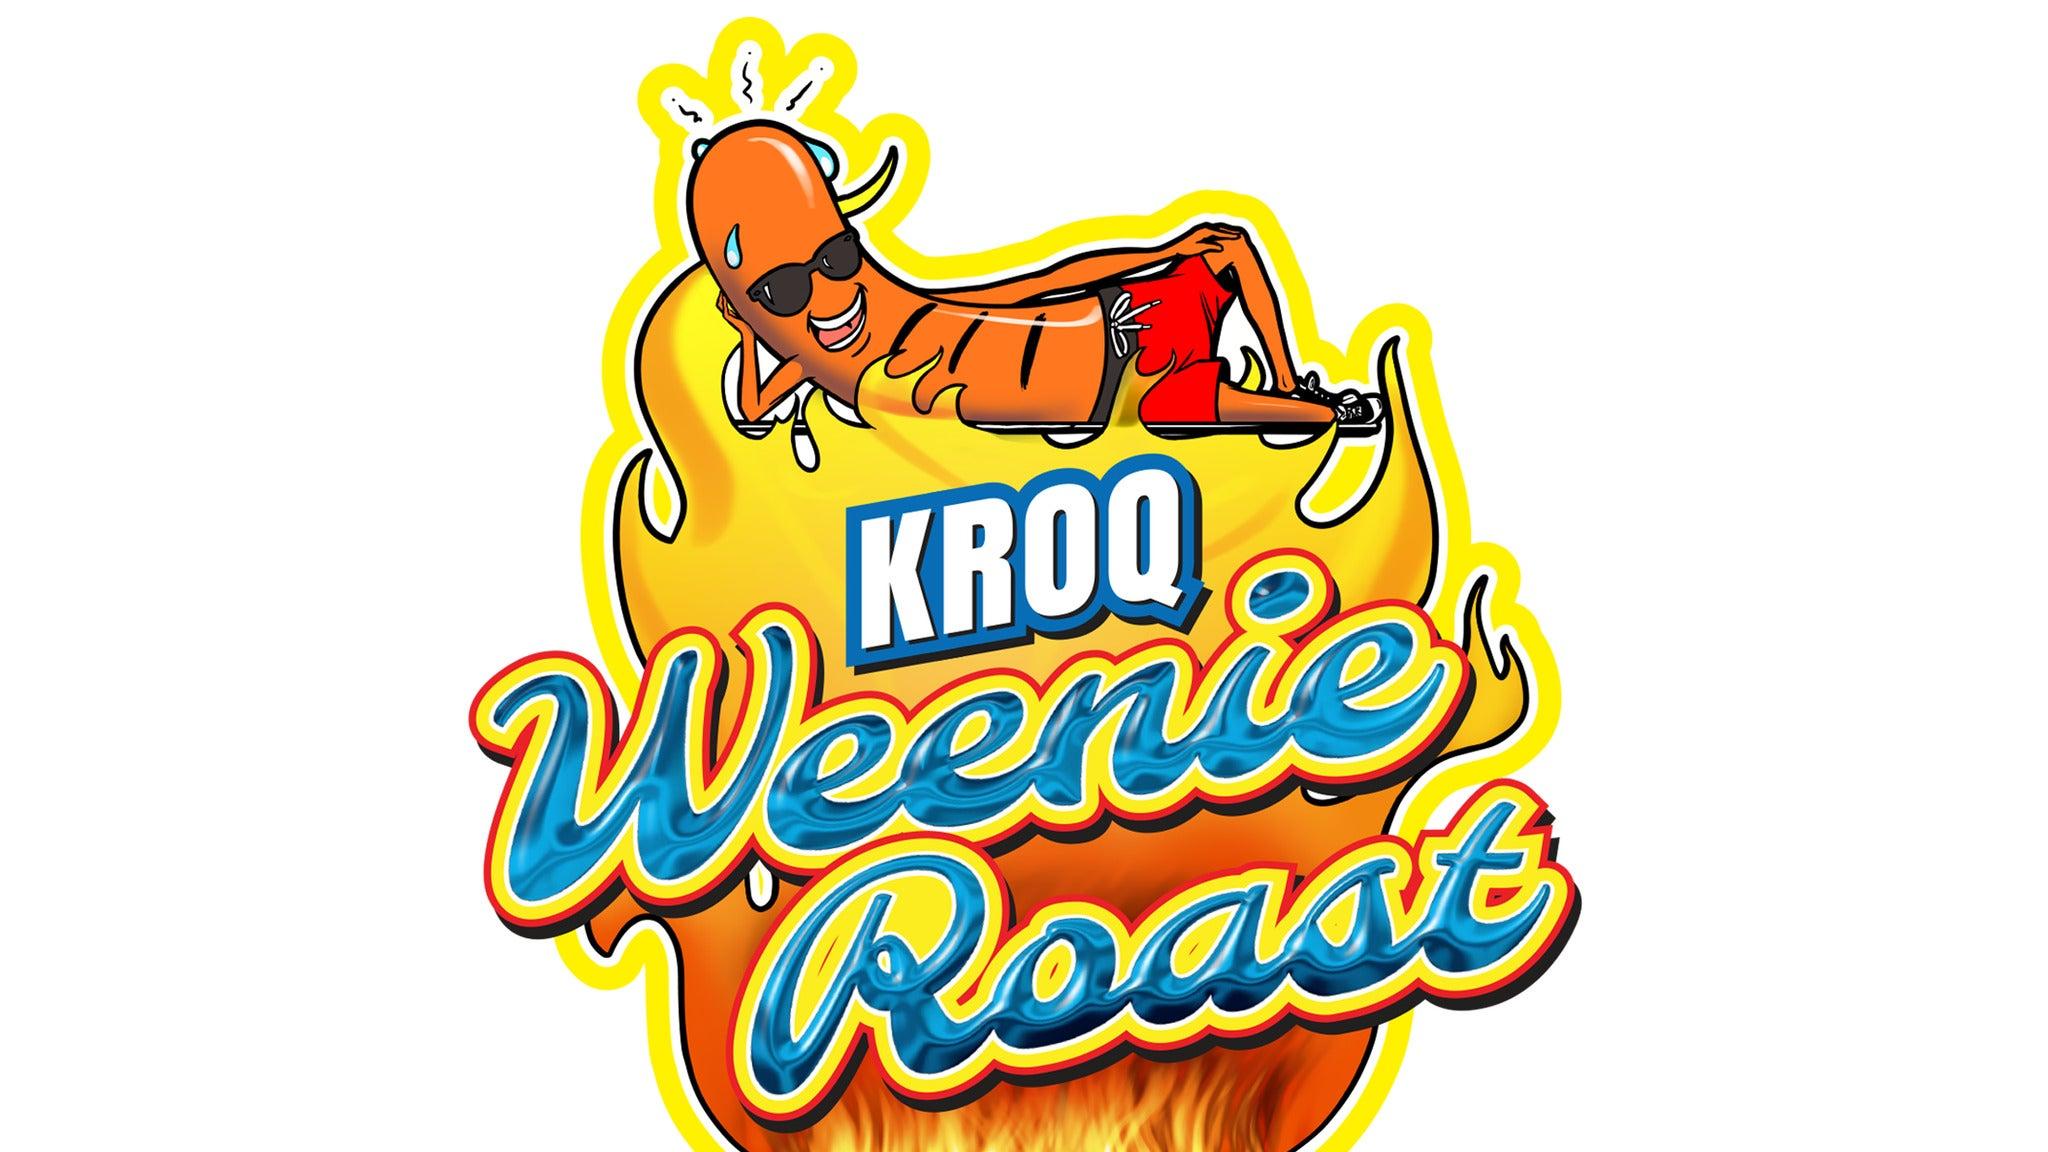 KROQ Weenie Roast at Doheny State Beach